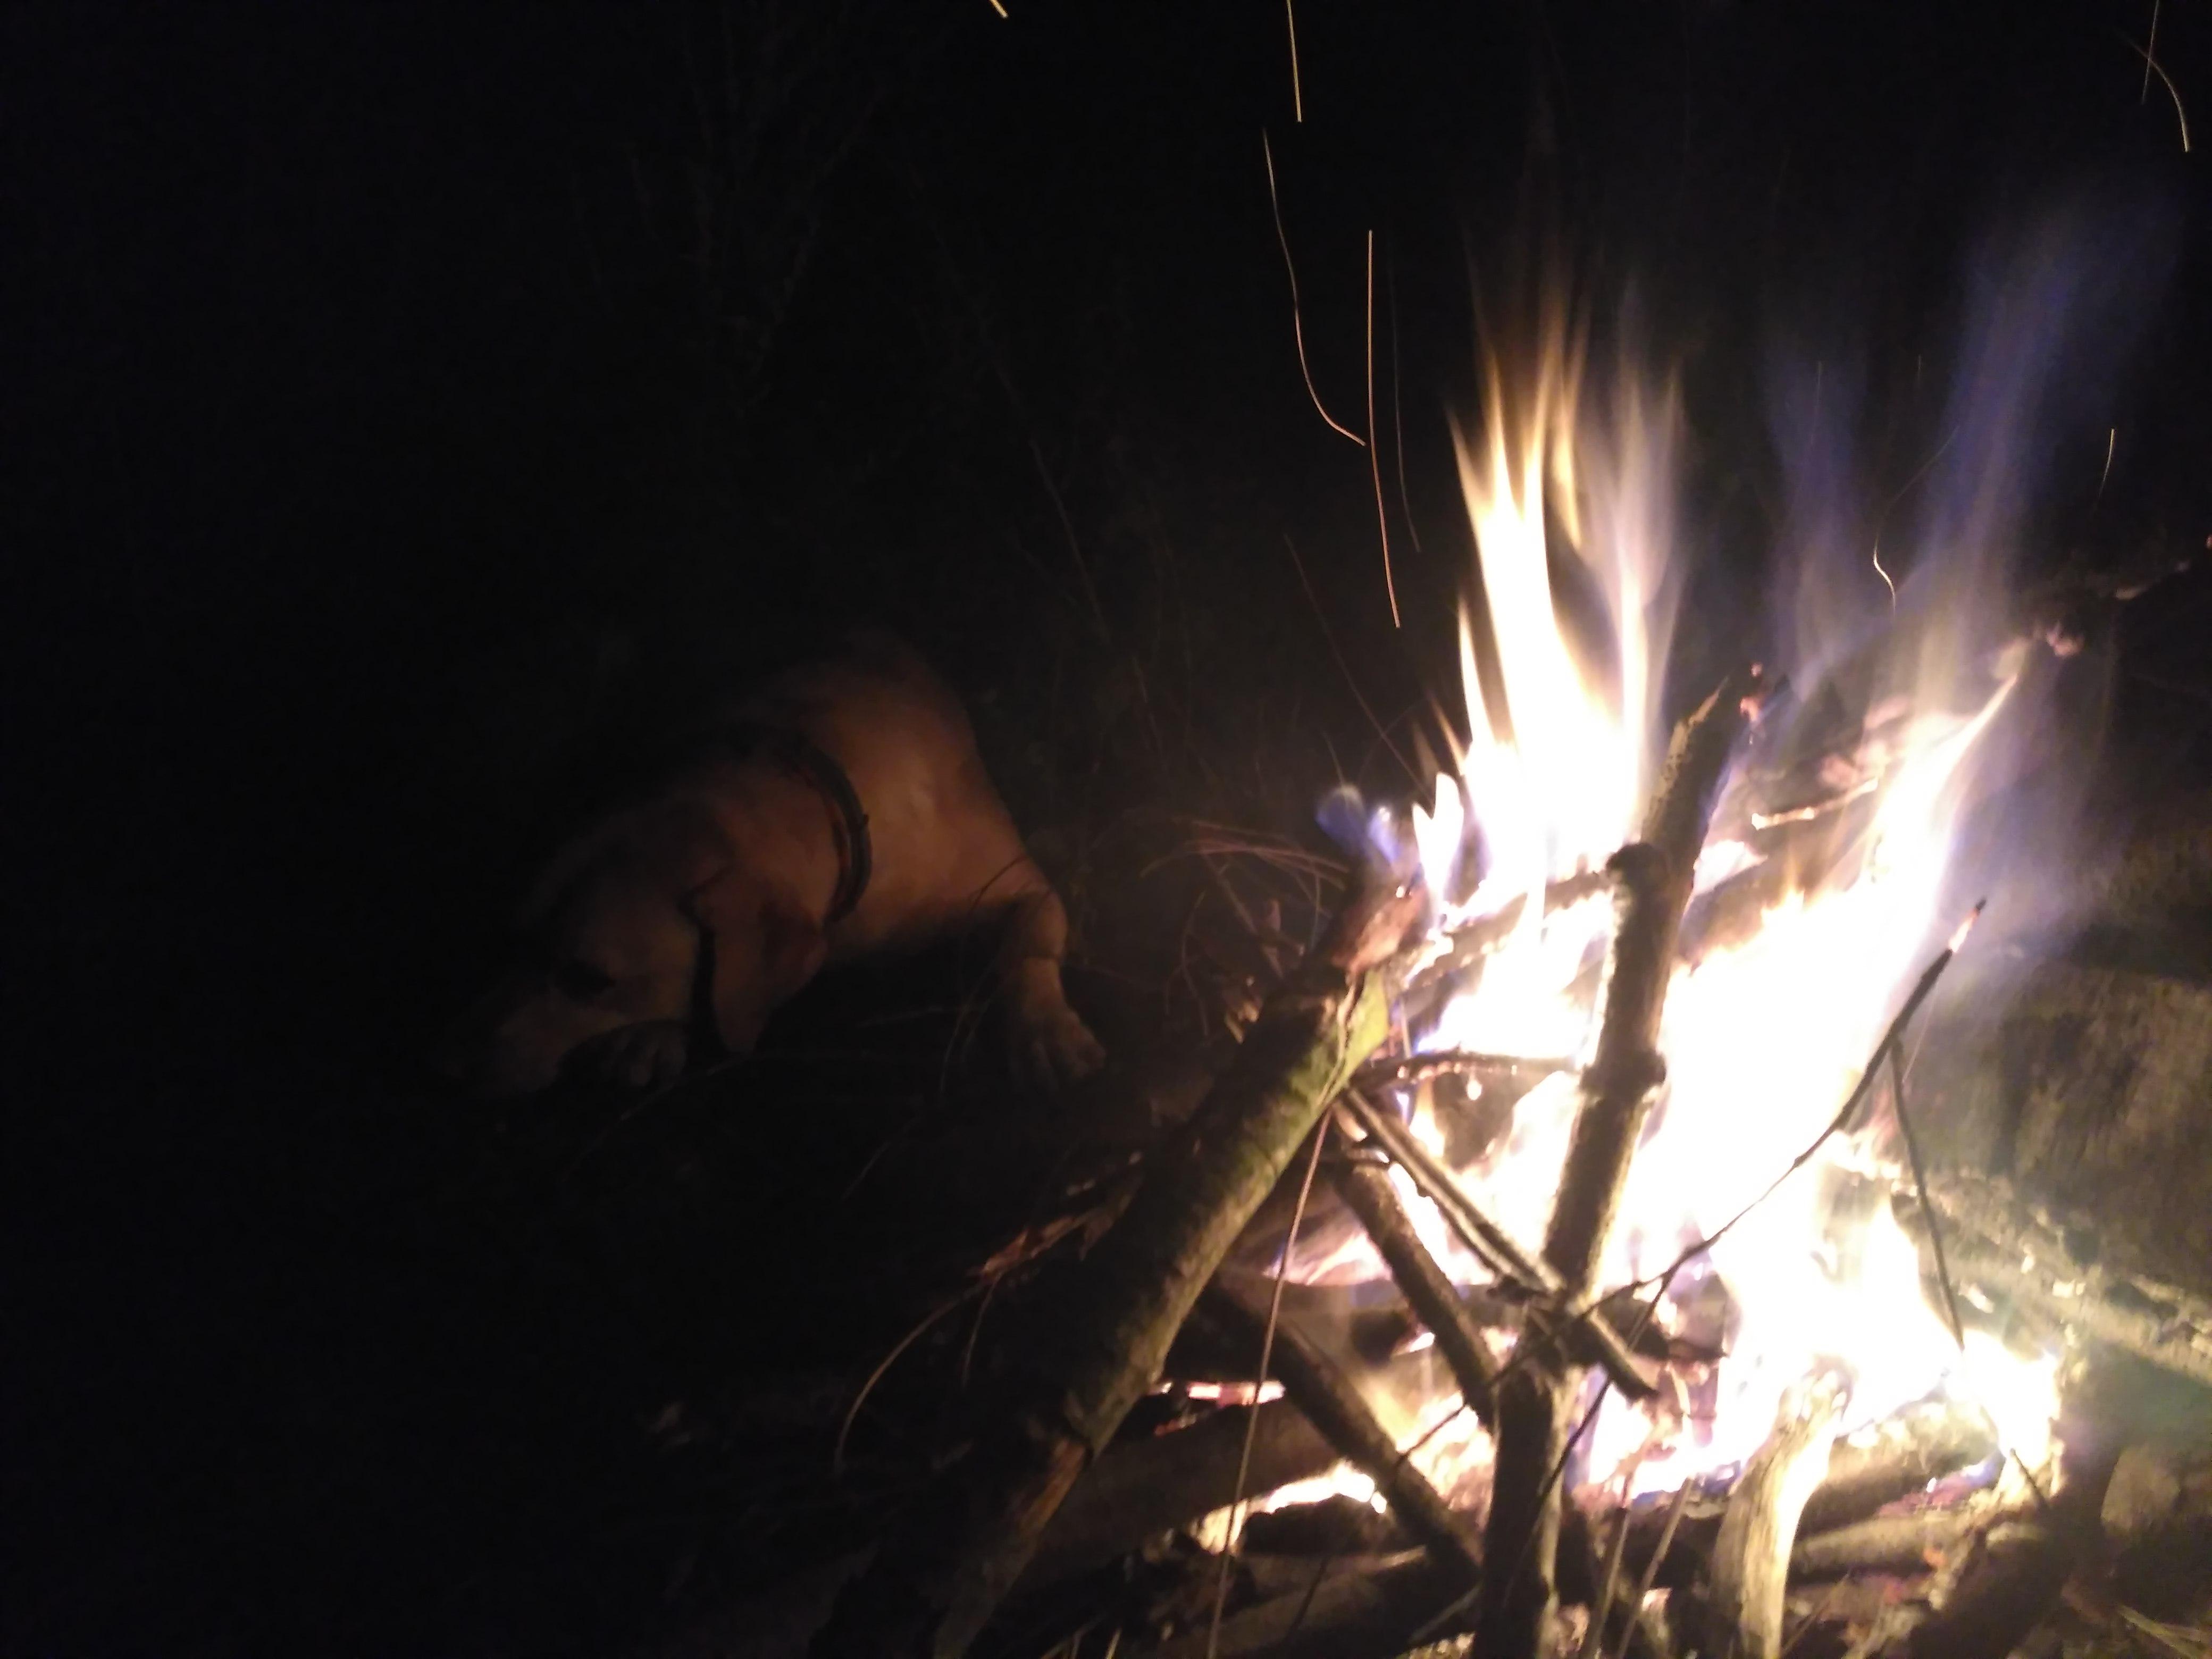 Psi wypoczynek przy cieplutkich płomieniach